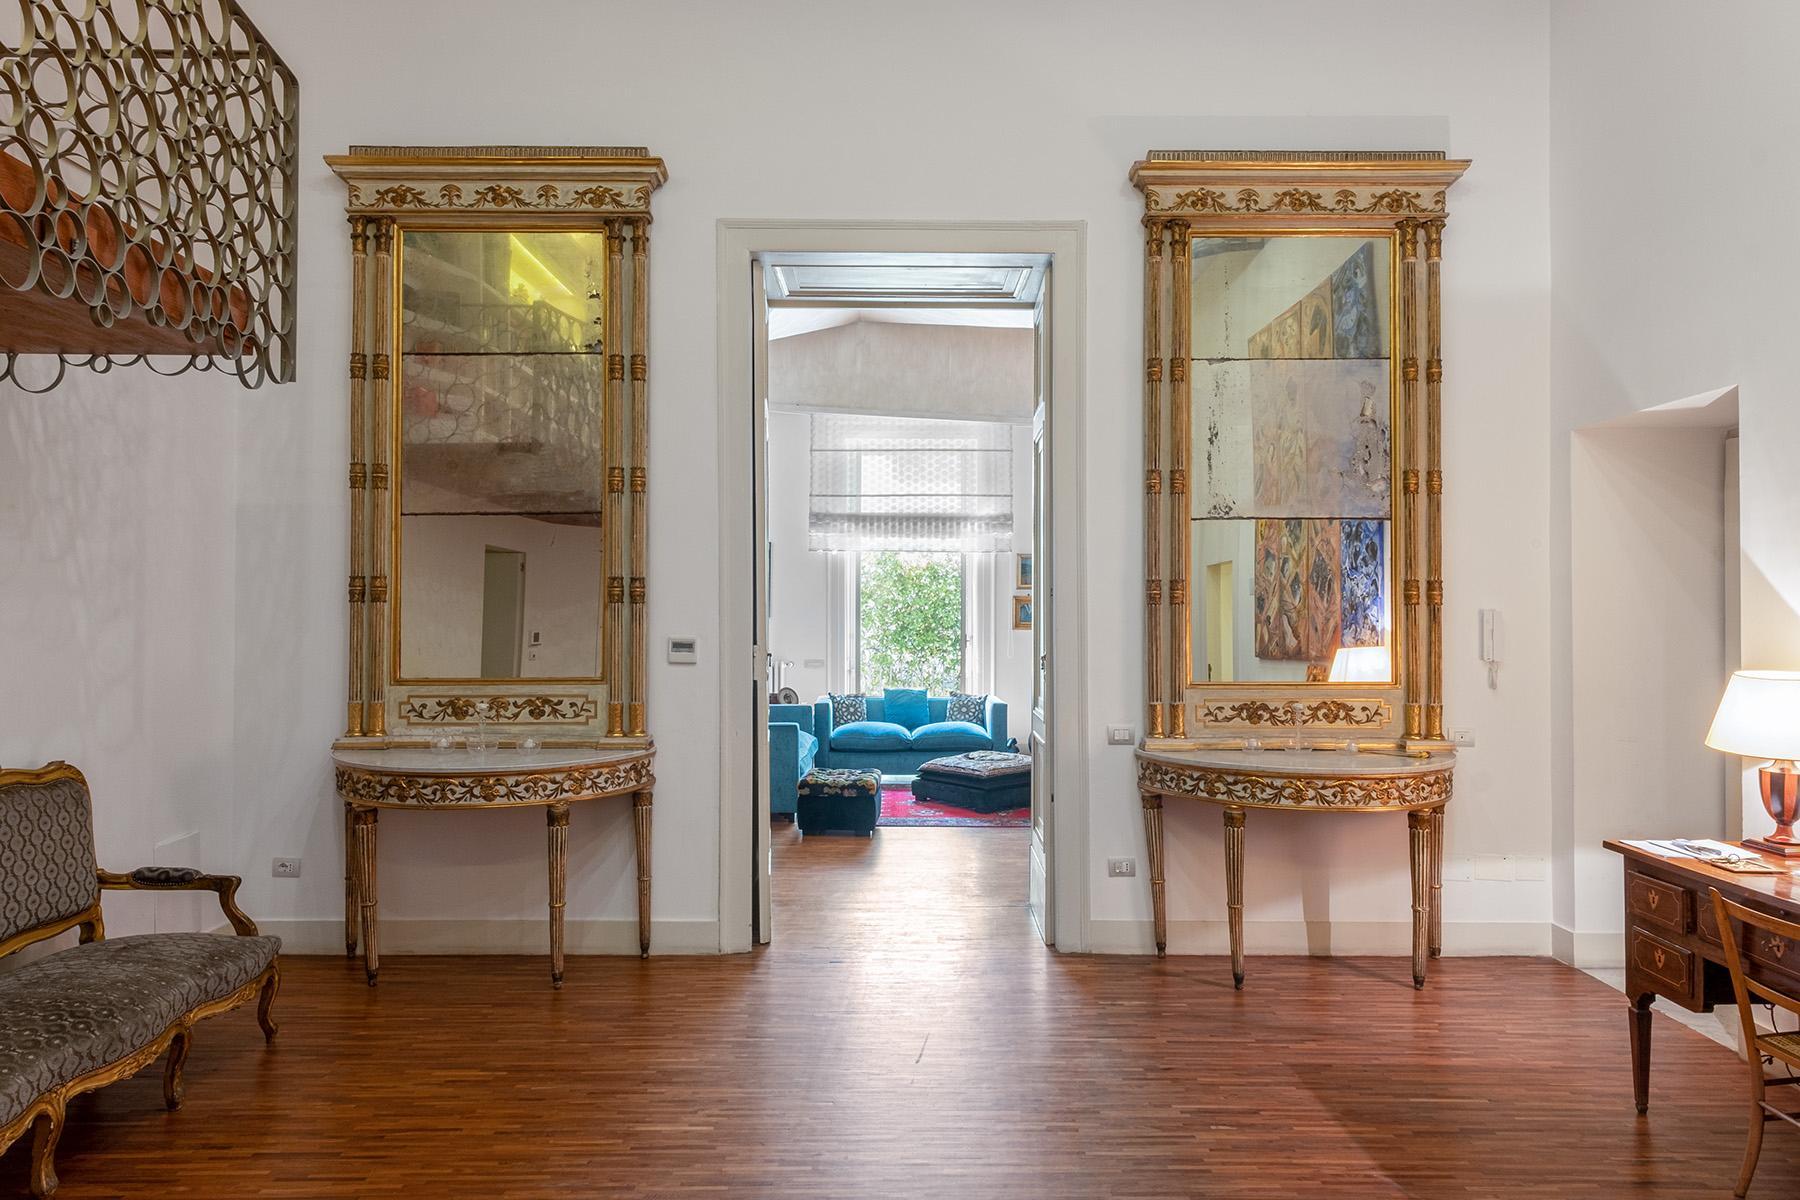 Eklekltische Design-Wohnung mit Terrassen im historischen Palast - 5